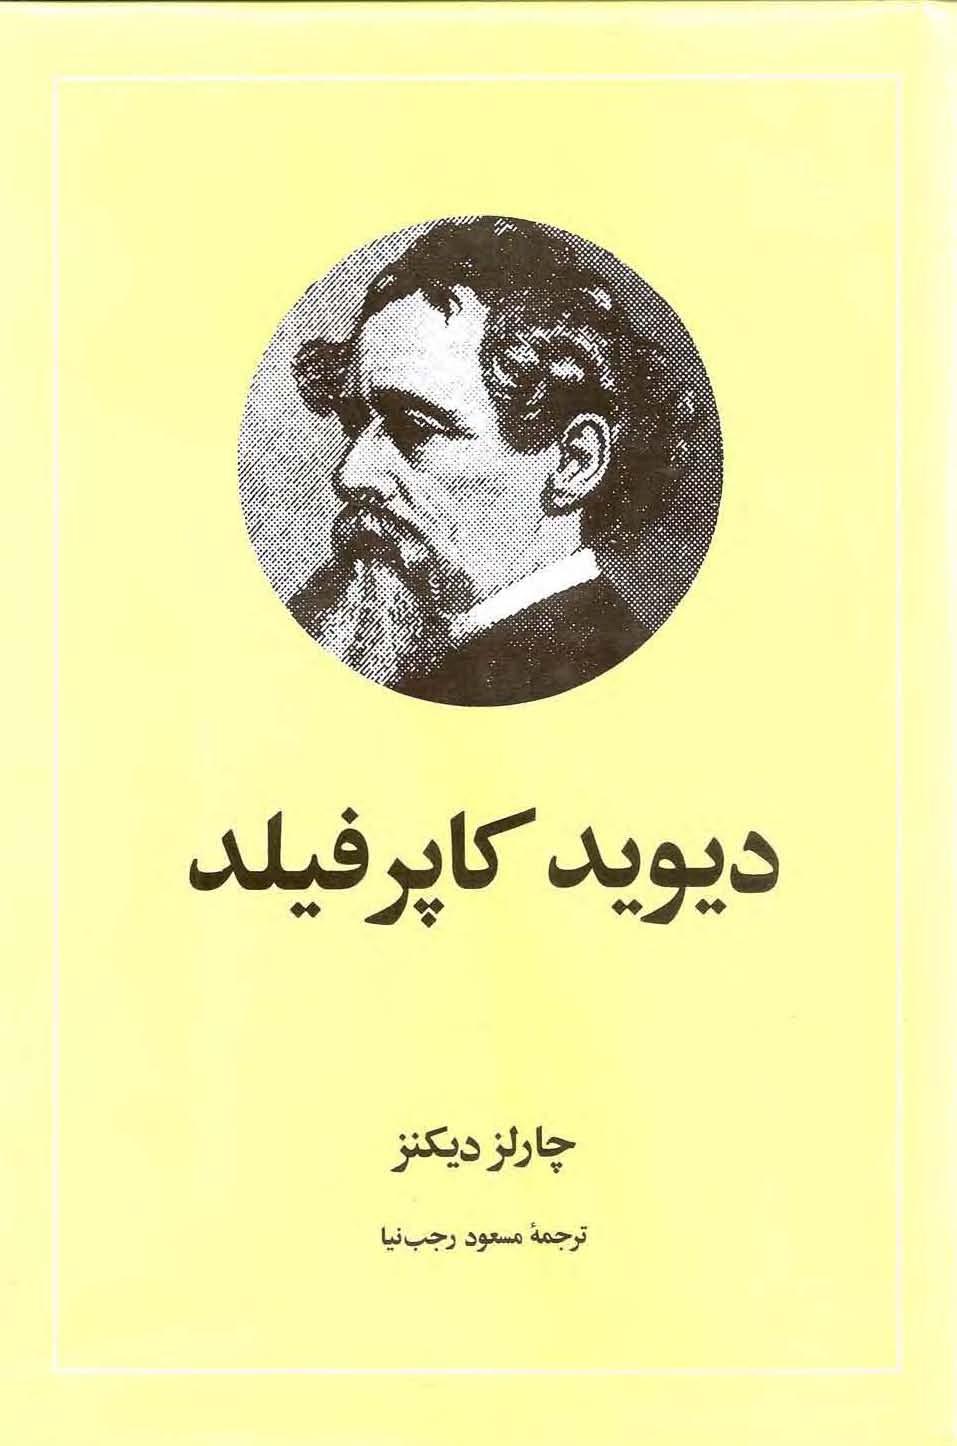 تلگرام+فارسی+نسخه+قدیمی